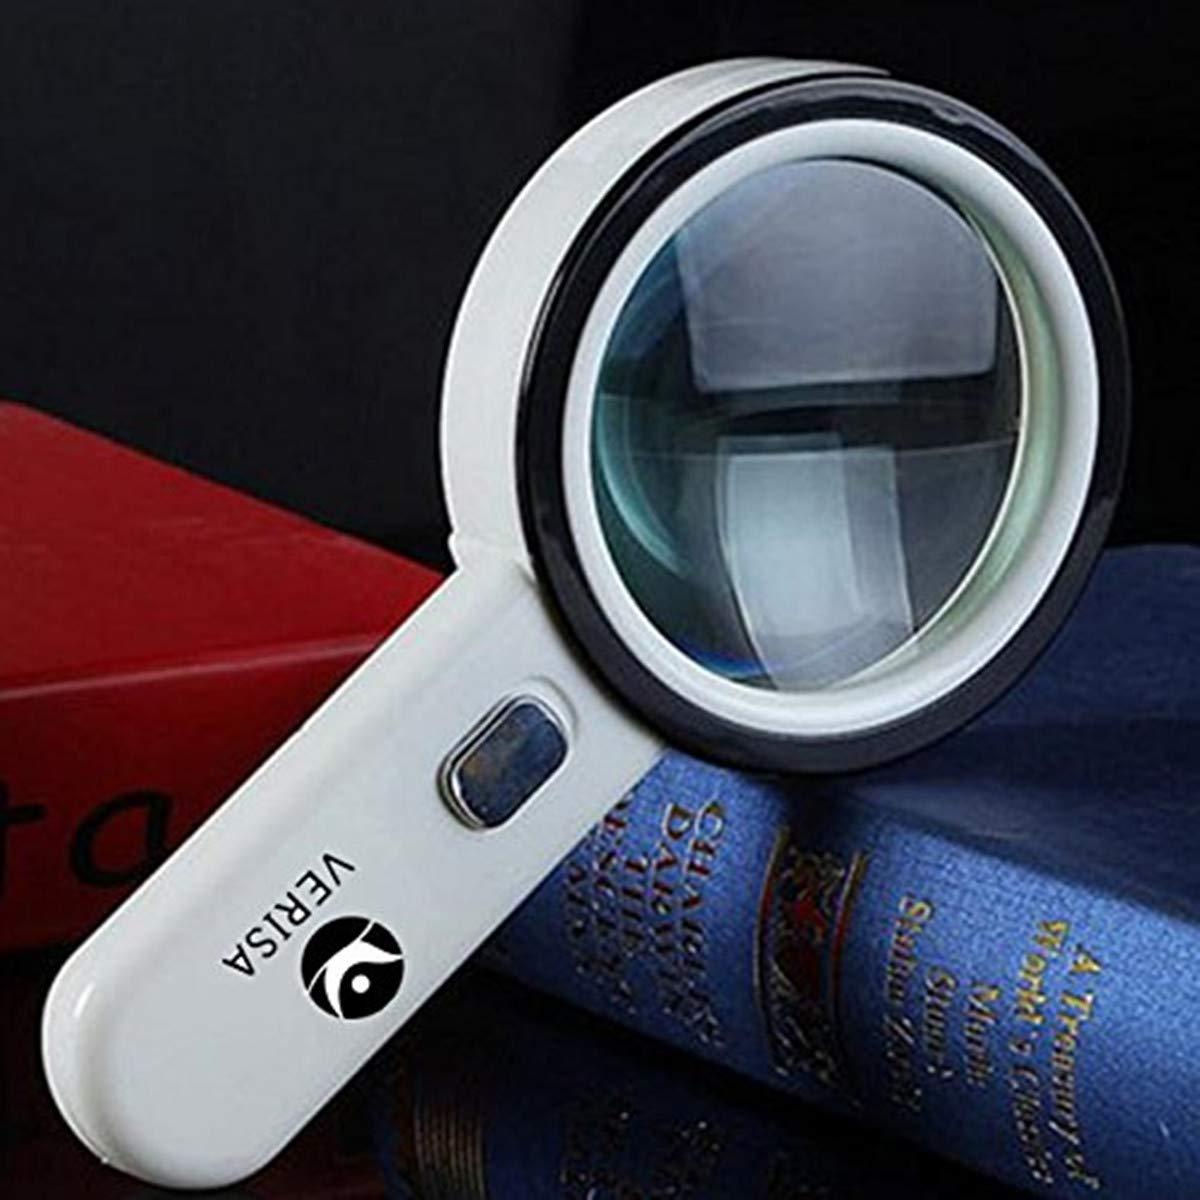 da gioielliere con lente dingrandimento per gioielli The Wolf Moon/® 12 LED-Lente di ingrandimento 20 x